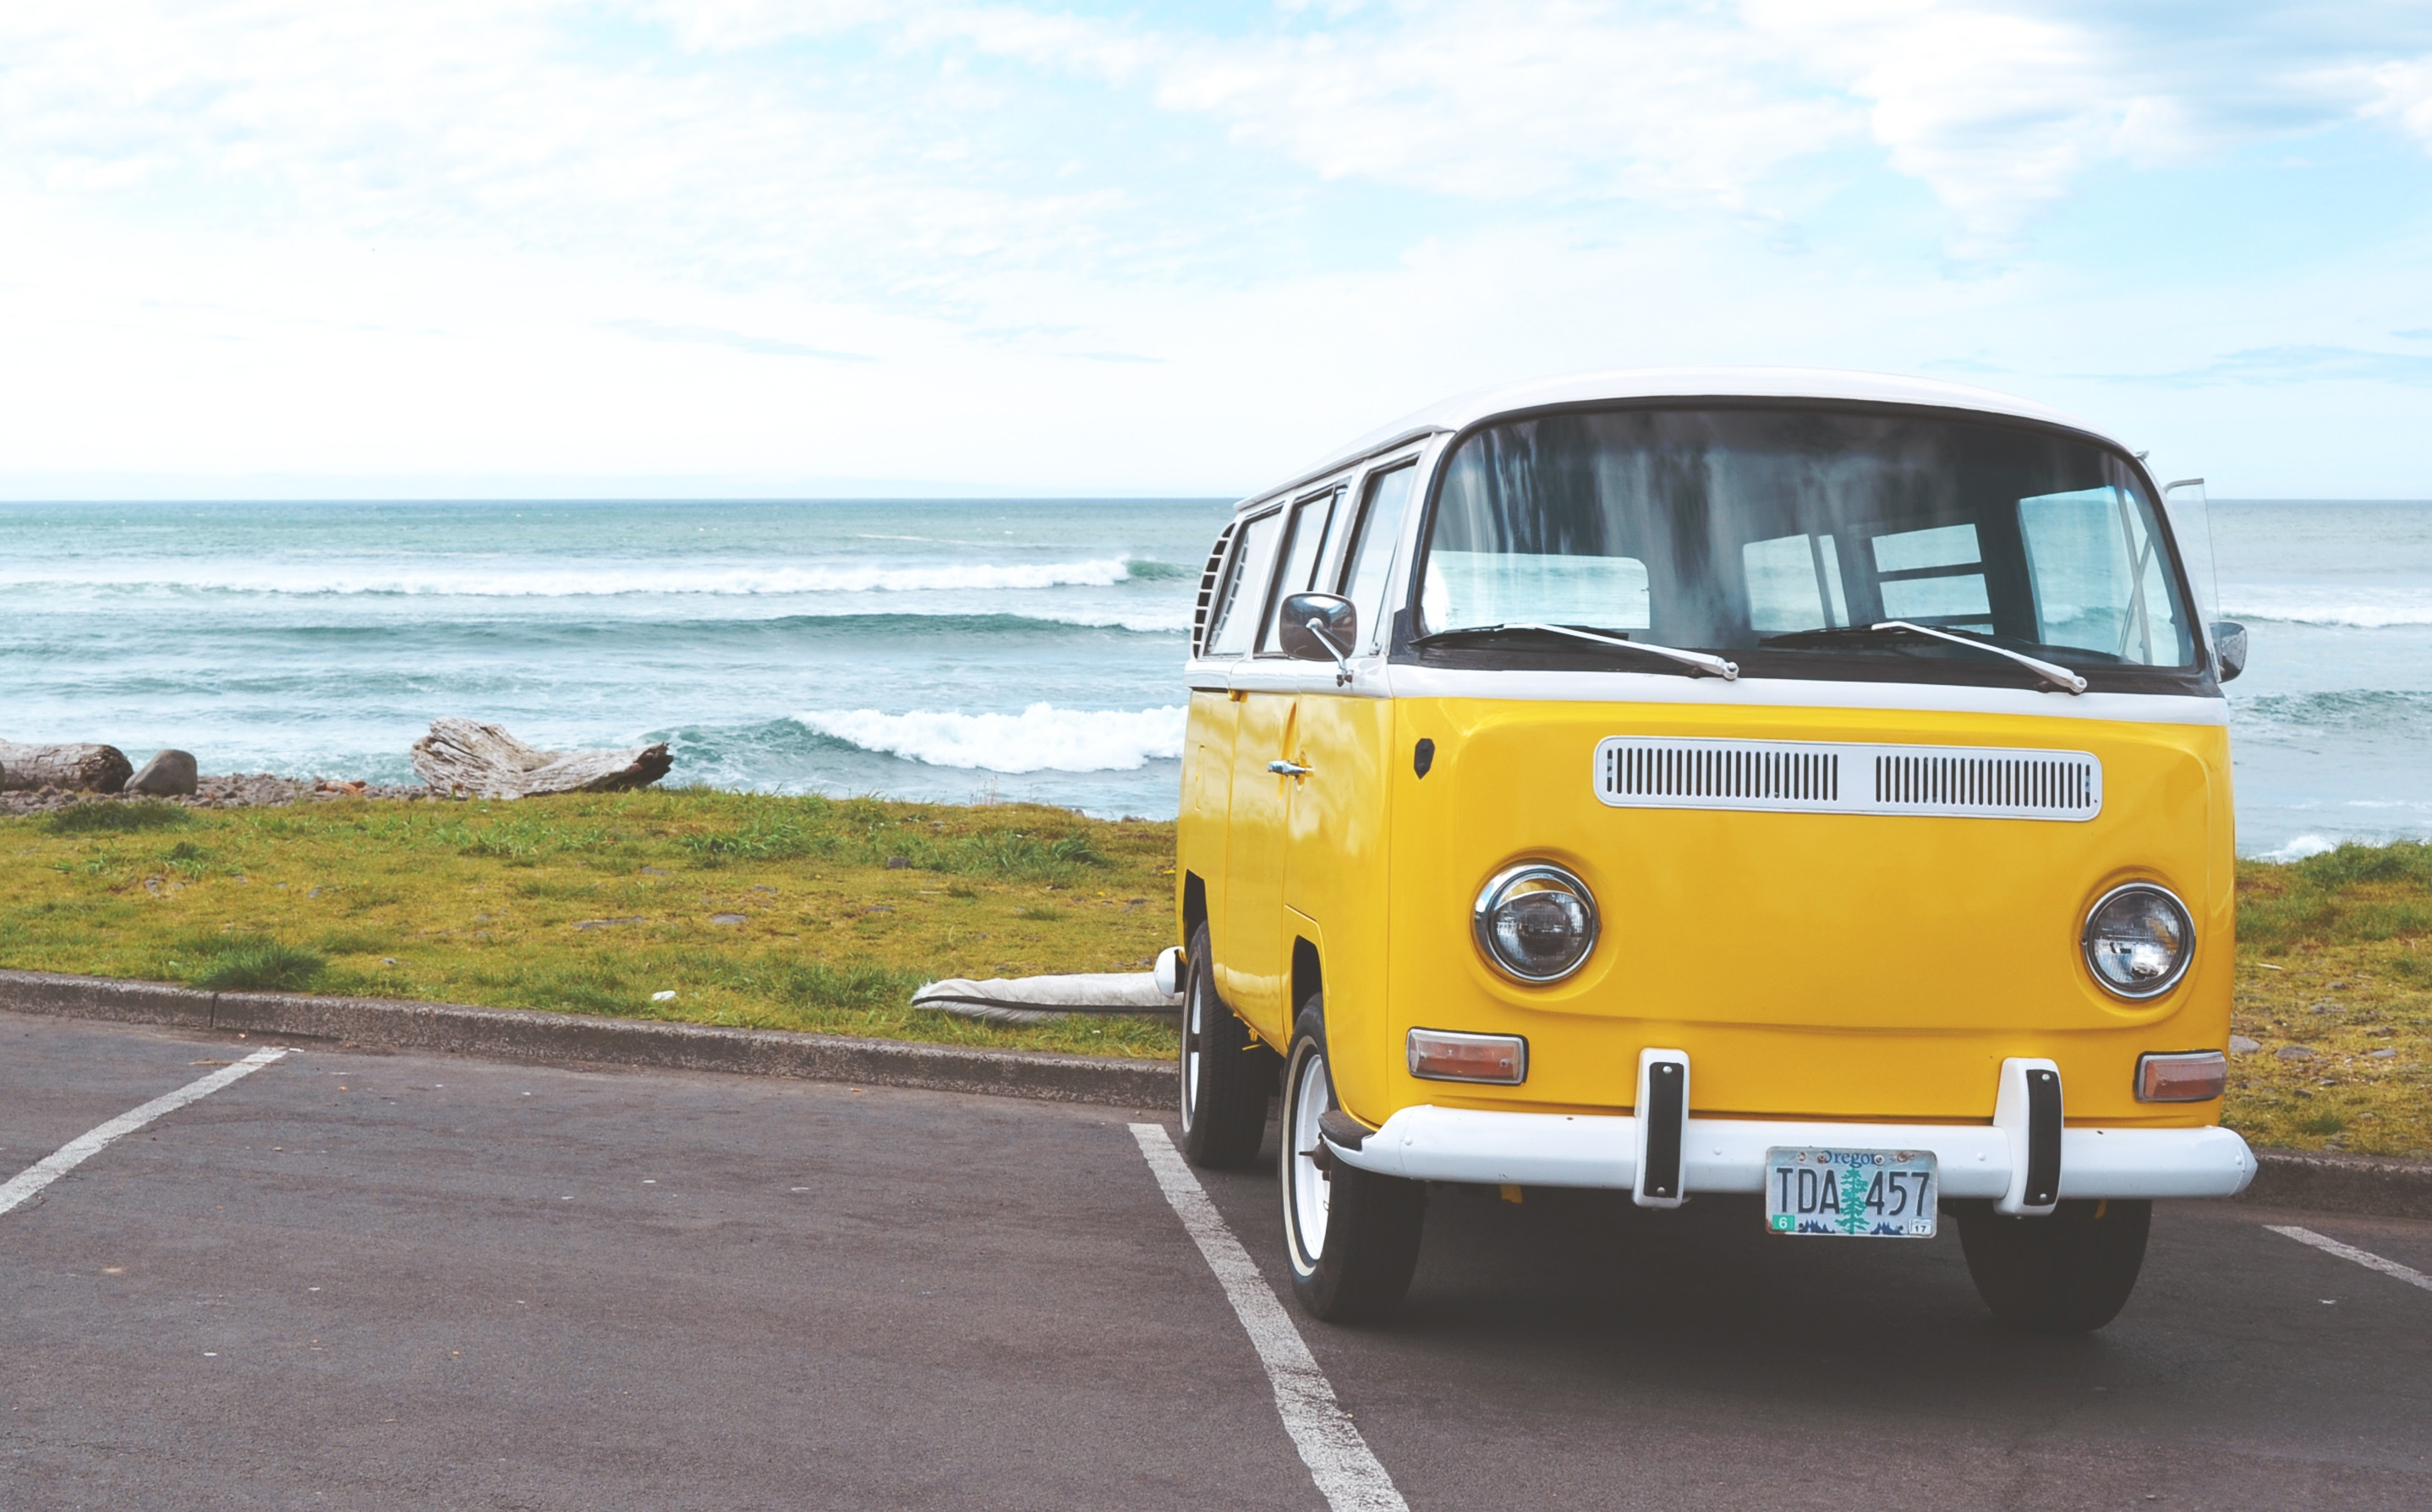 Pour l'achat d'un véhicule utilitaire, vous pouvez récupérer la TVA !